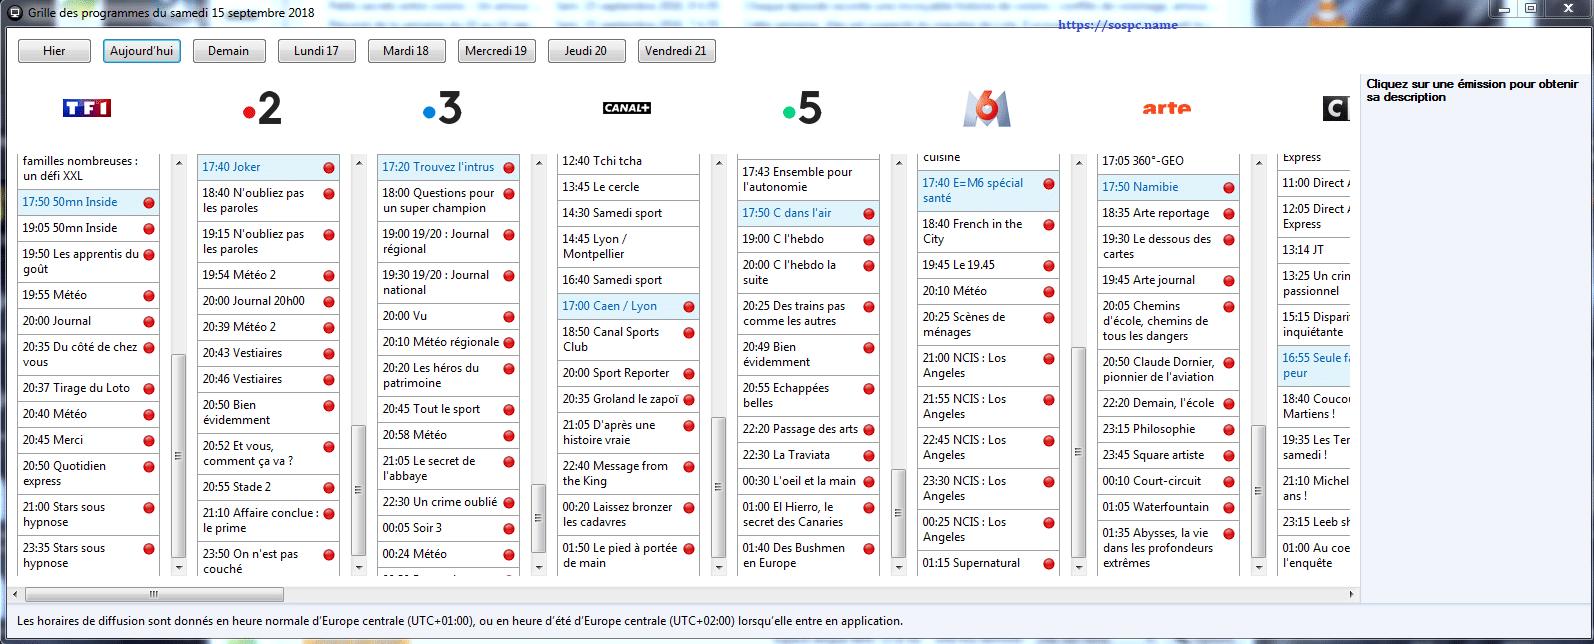 Captvty installation et paramétrages, tutoriel détaillé image 43